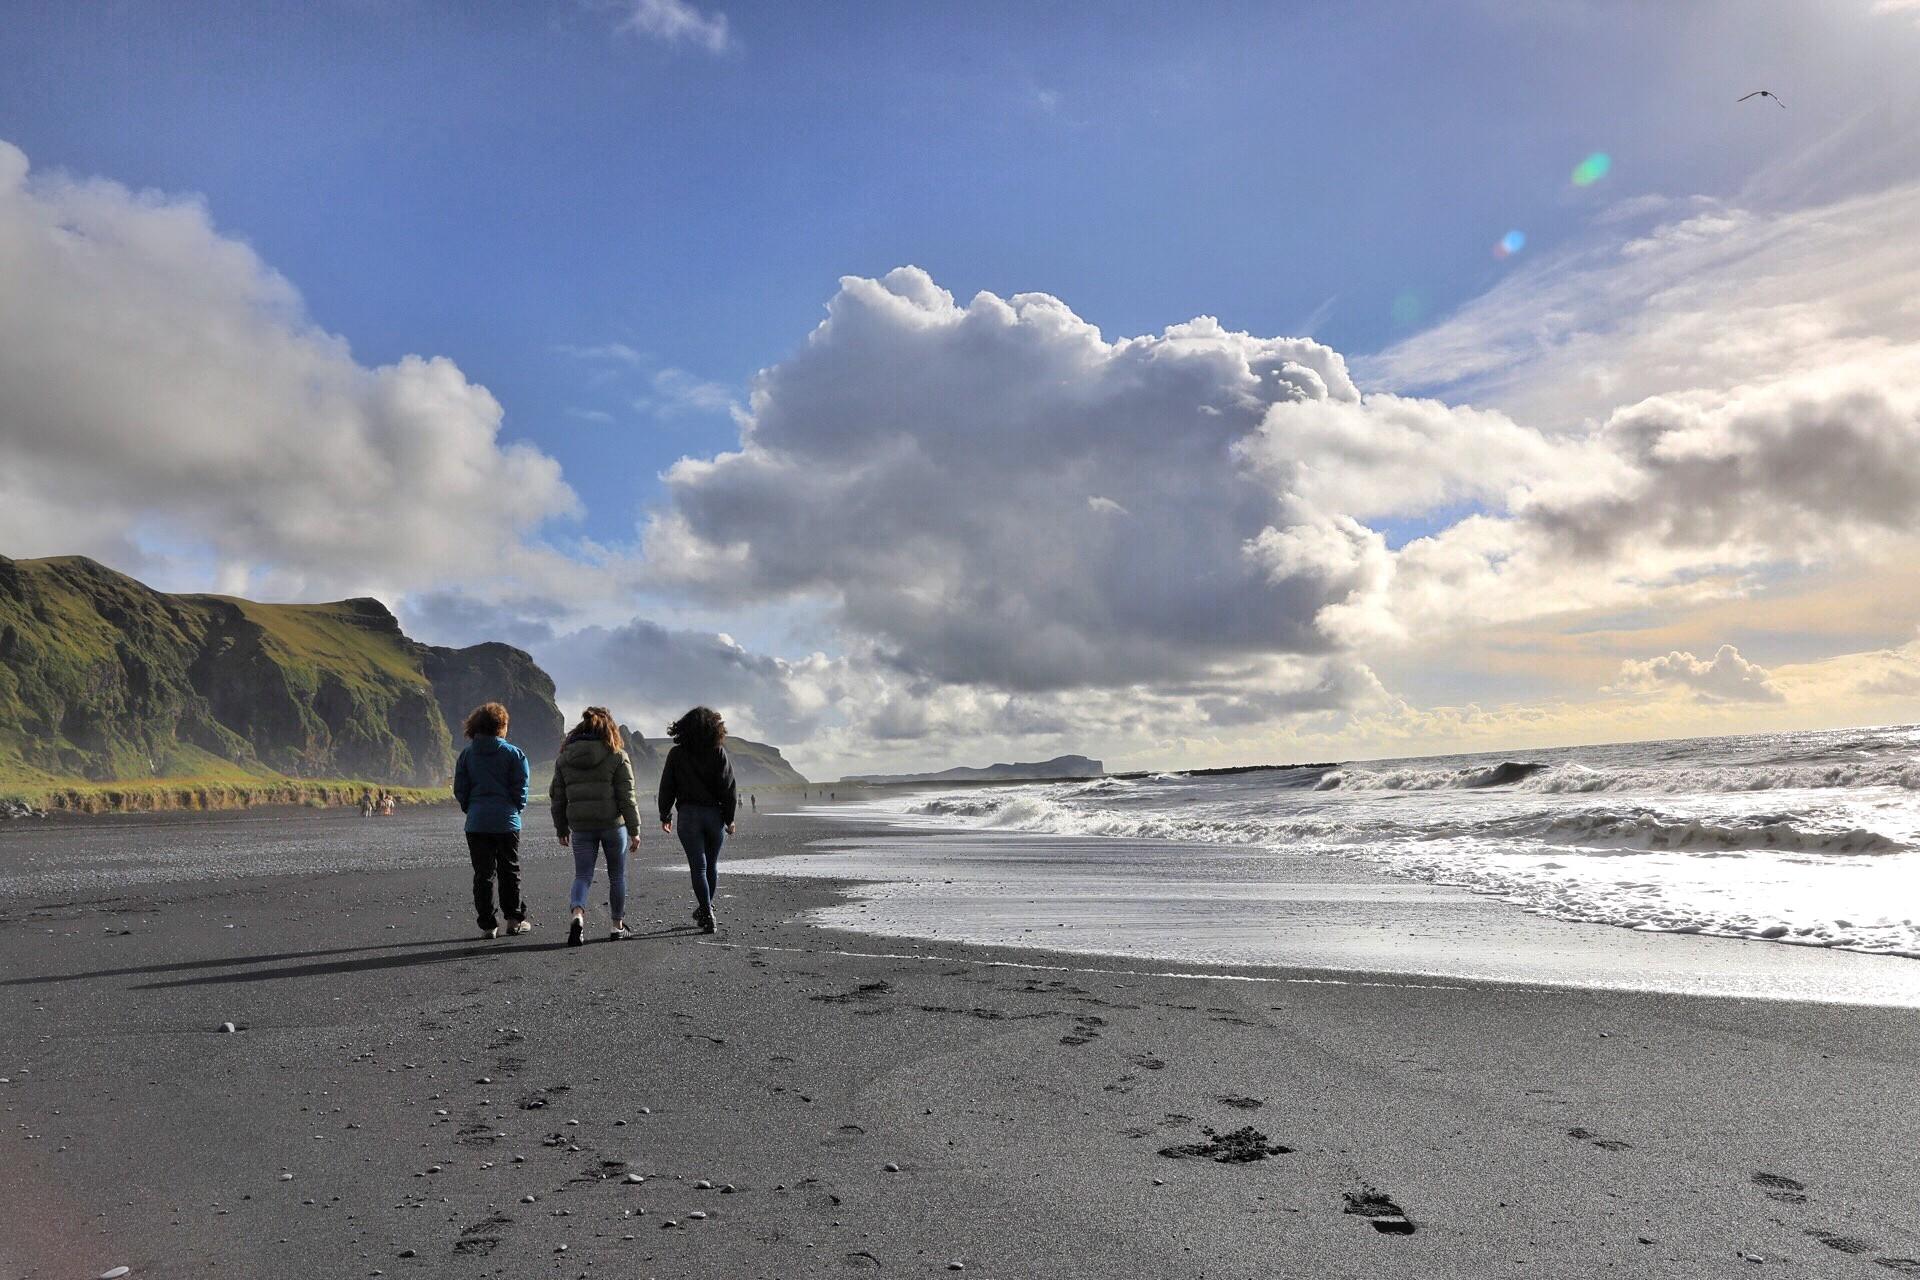 La plage noire de Reynisfjara